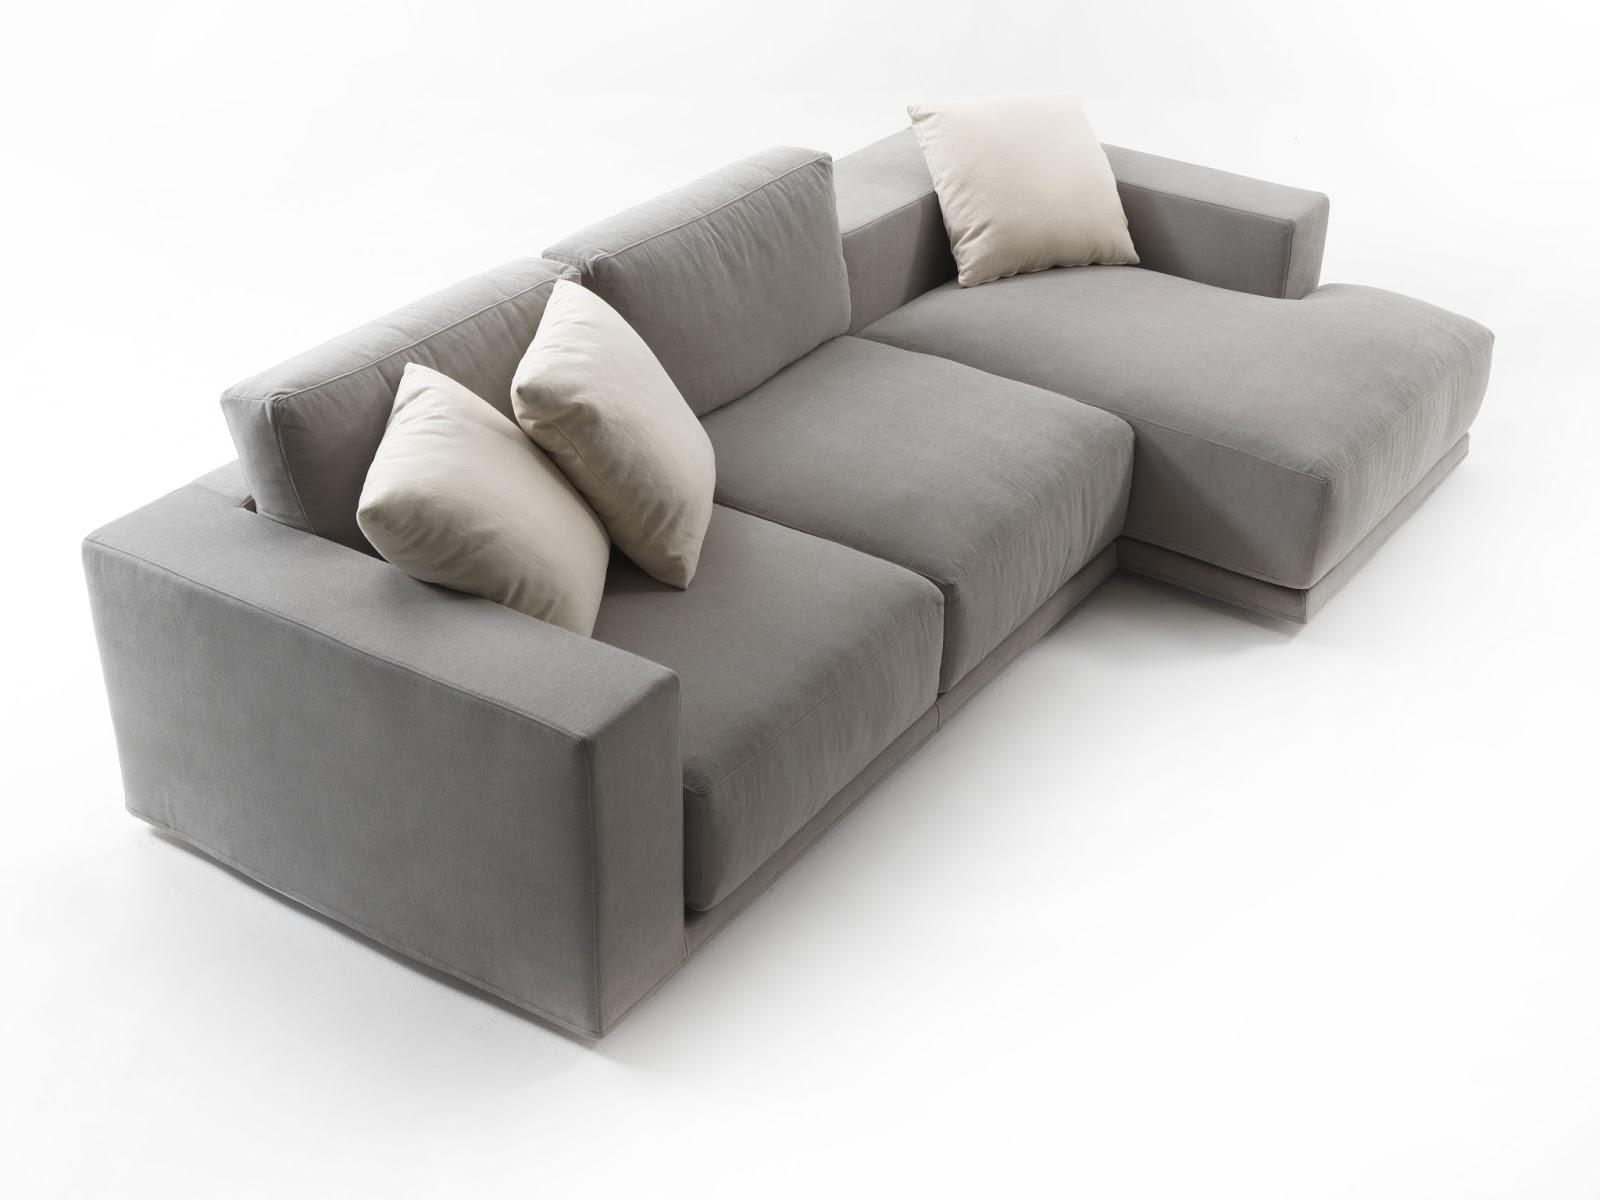 Santambrogio salotti produzione e vendita di divani e for Divano 2 metri